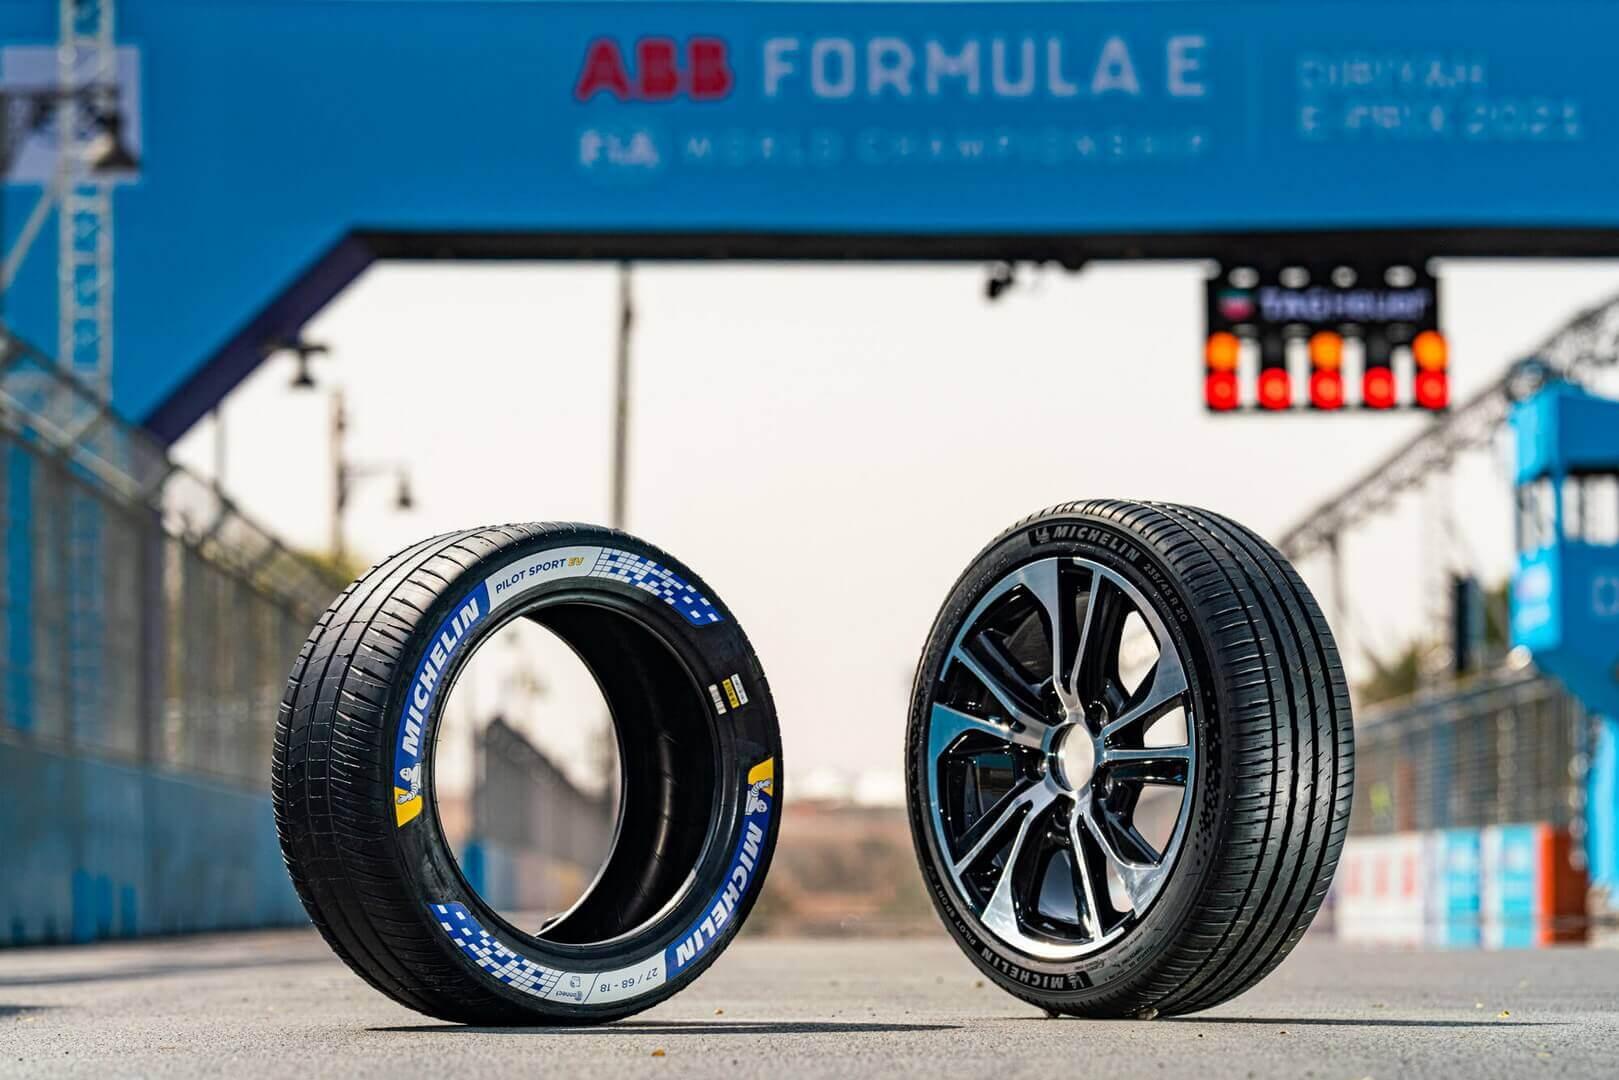 Шина Pilot Sport EV напрямую связана с опытом, достигнутым Michelin за шесть сезонов в Формуле E